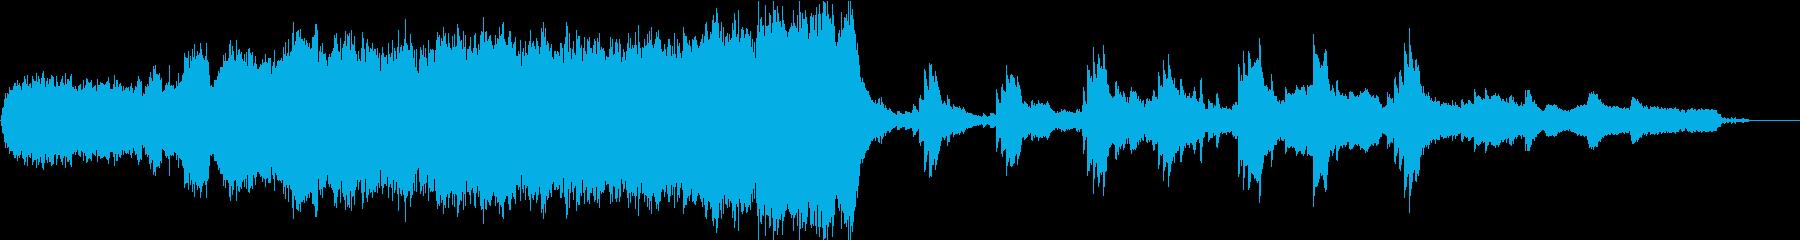 壮大なオーケストラと切ないフルートソロの再生済みの波形